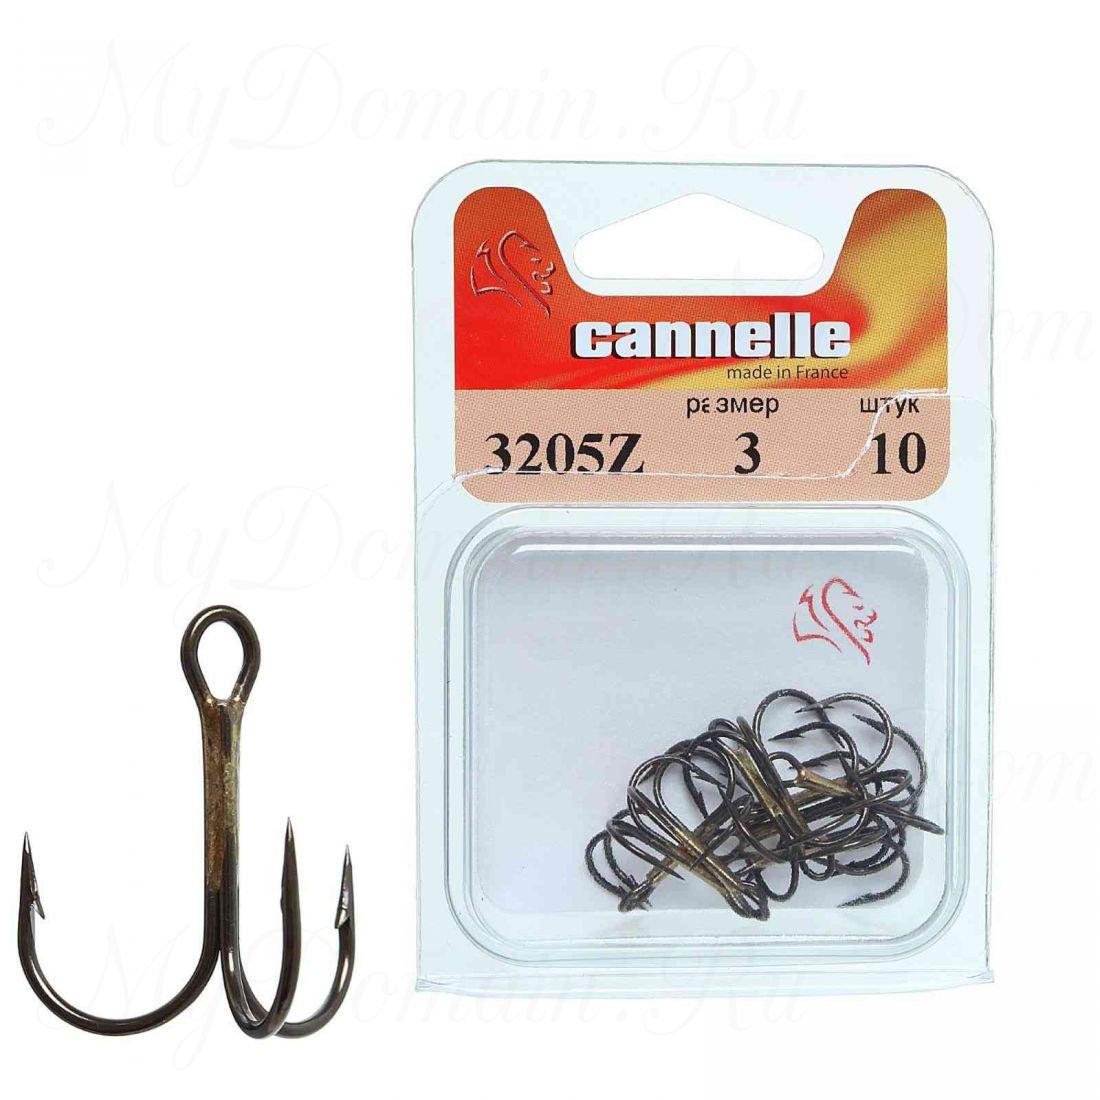 Тройник Cannelle 3205 N № 5/0 уп. 100 шт. (никель,круглый поддев,стандартный тройник,средняя проволока)